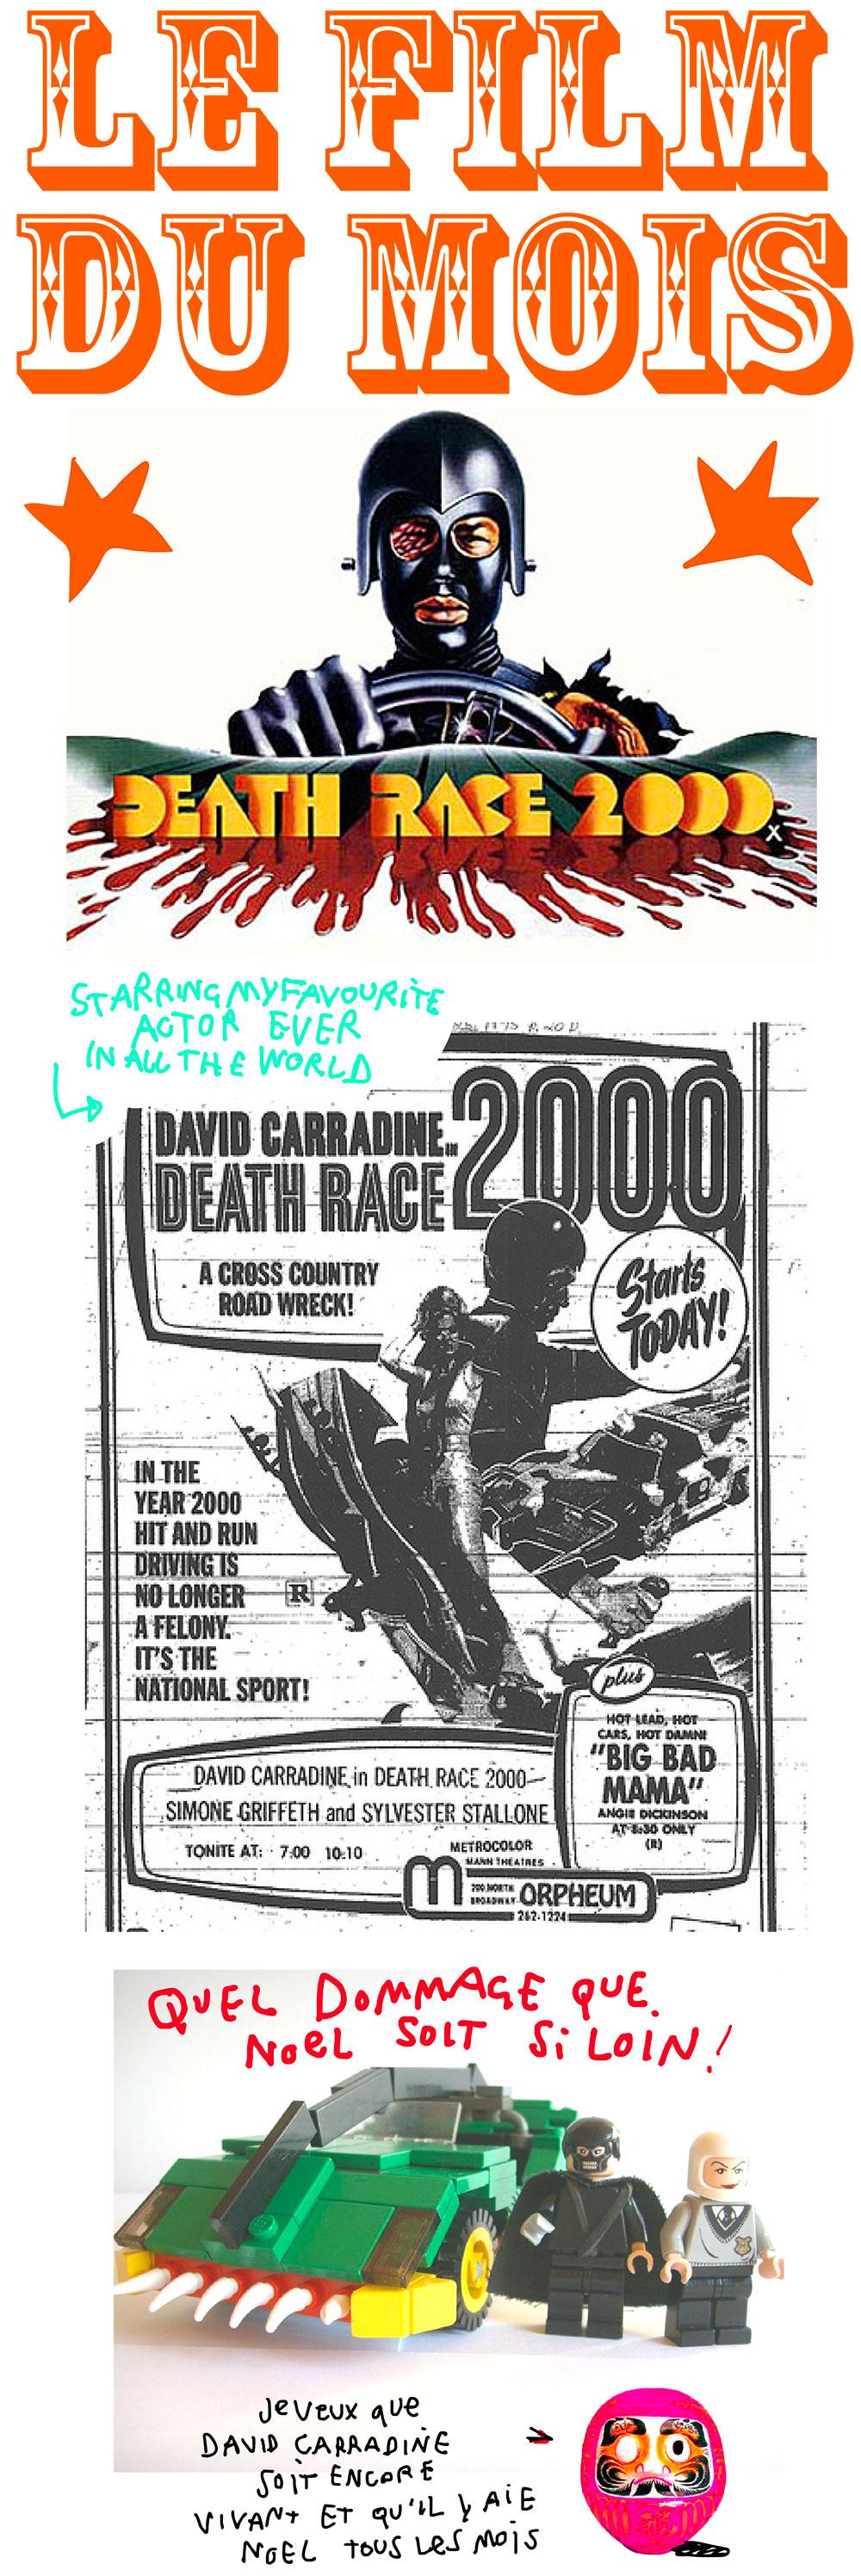 Un hommage à Death Race 2000 et à David Carradine mon acteur préféré